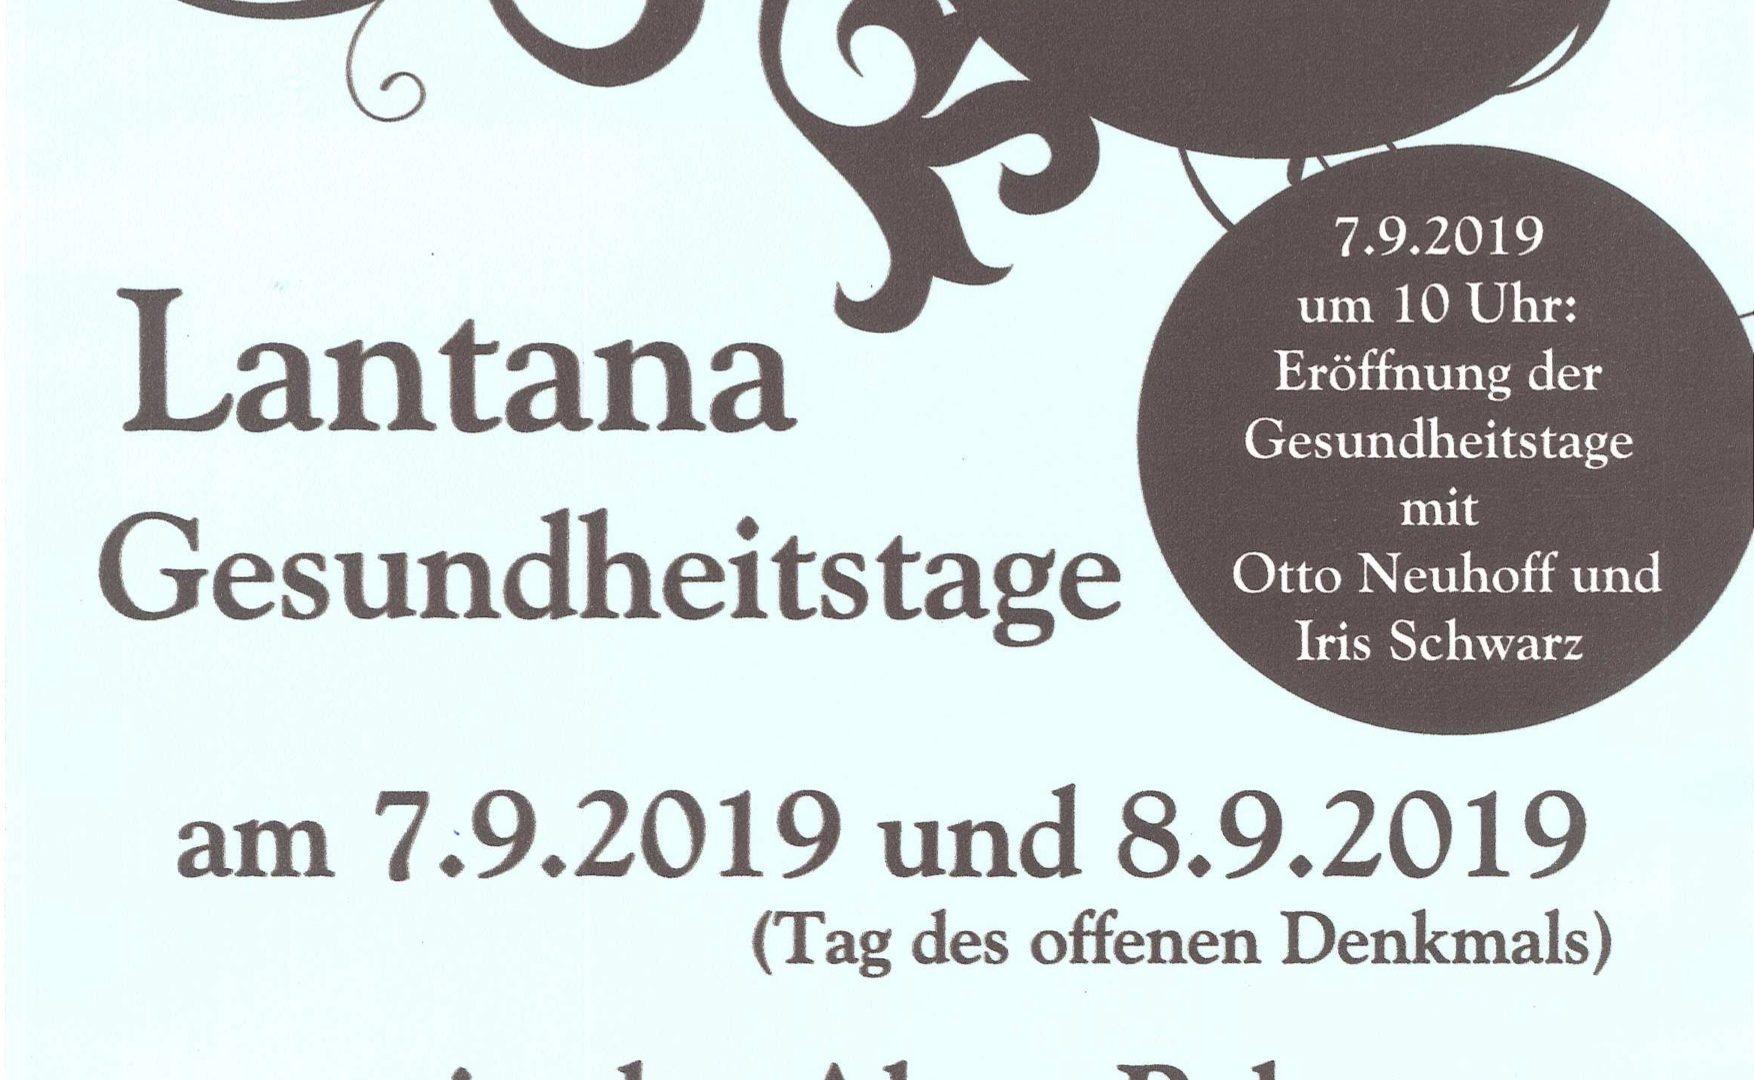 Unser Vortrags- und Workshopprogramm am Sonntag, den 8.9.2019